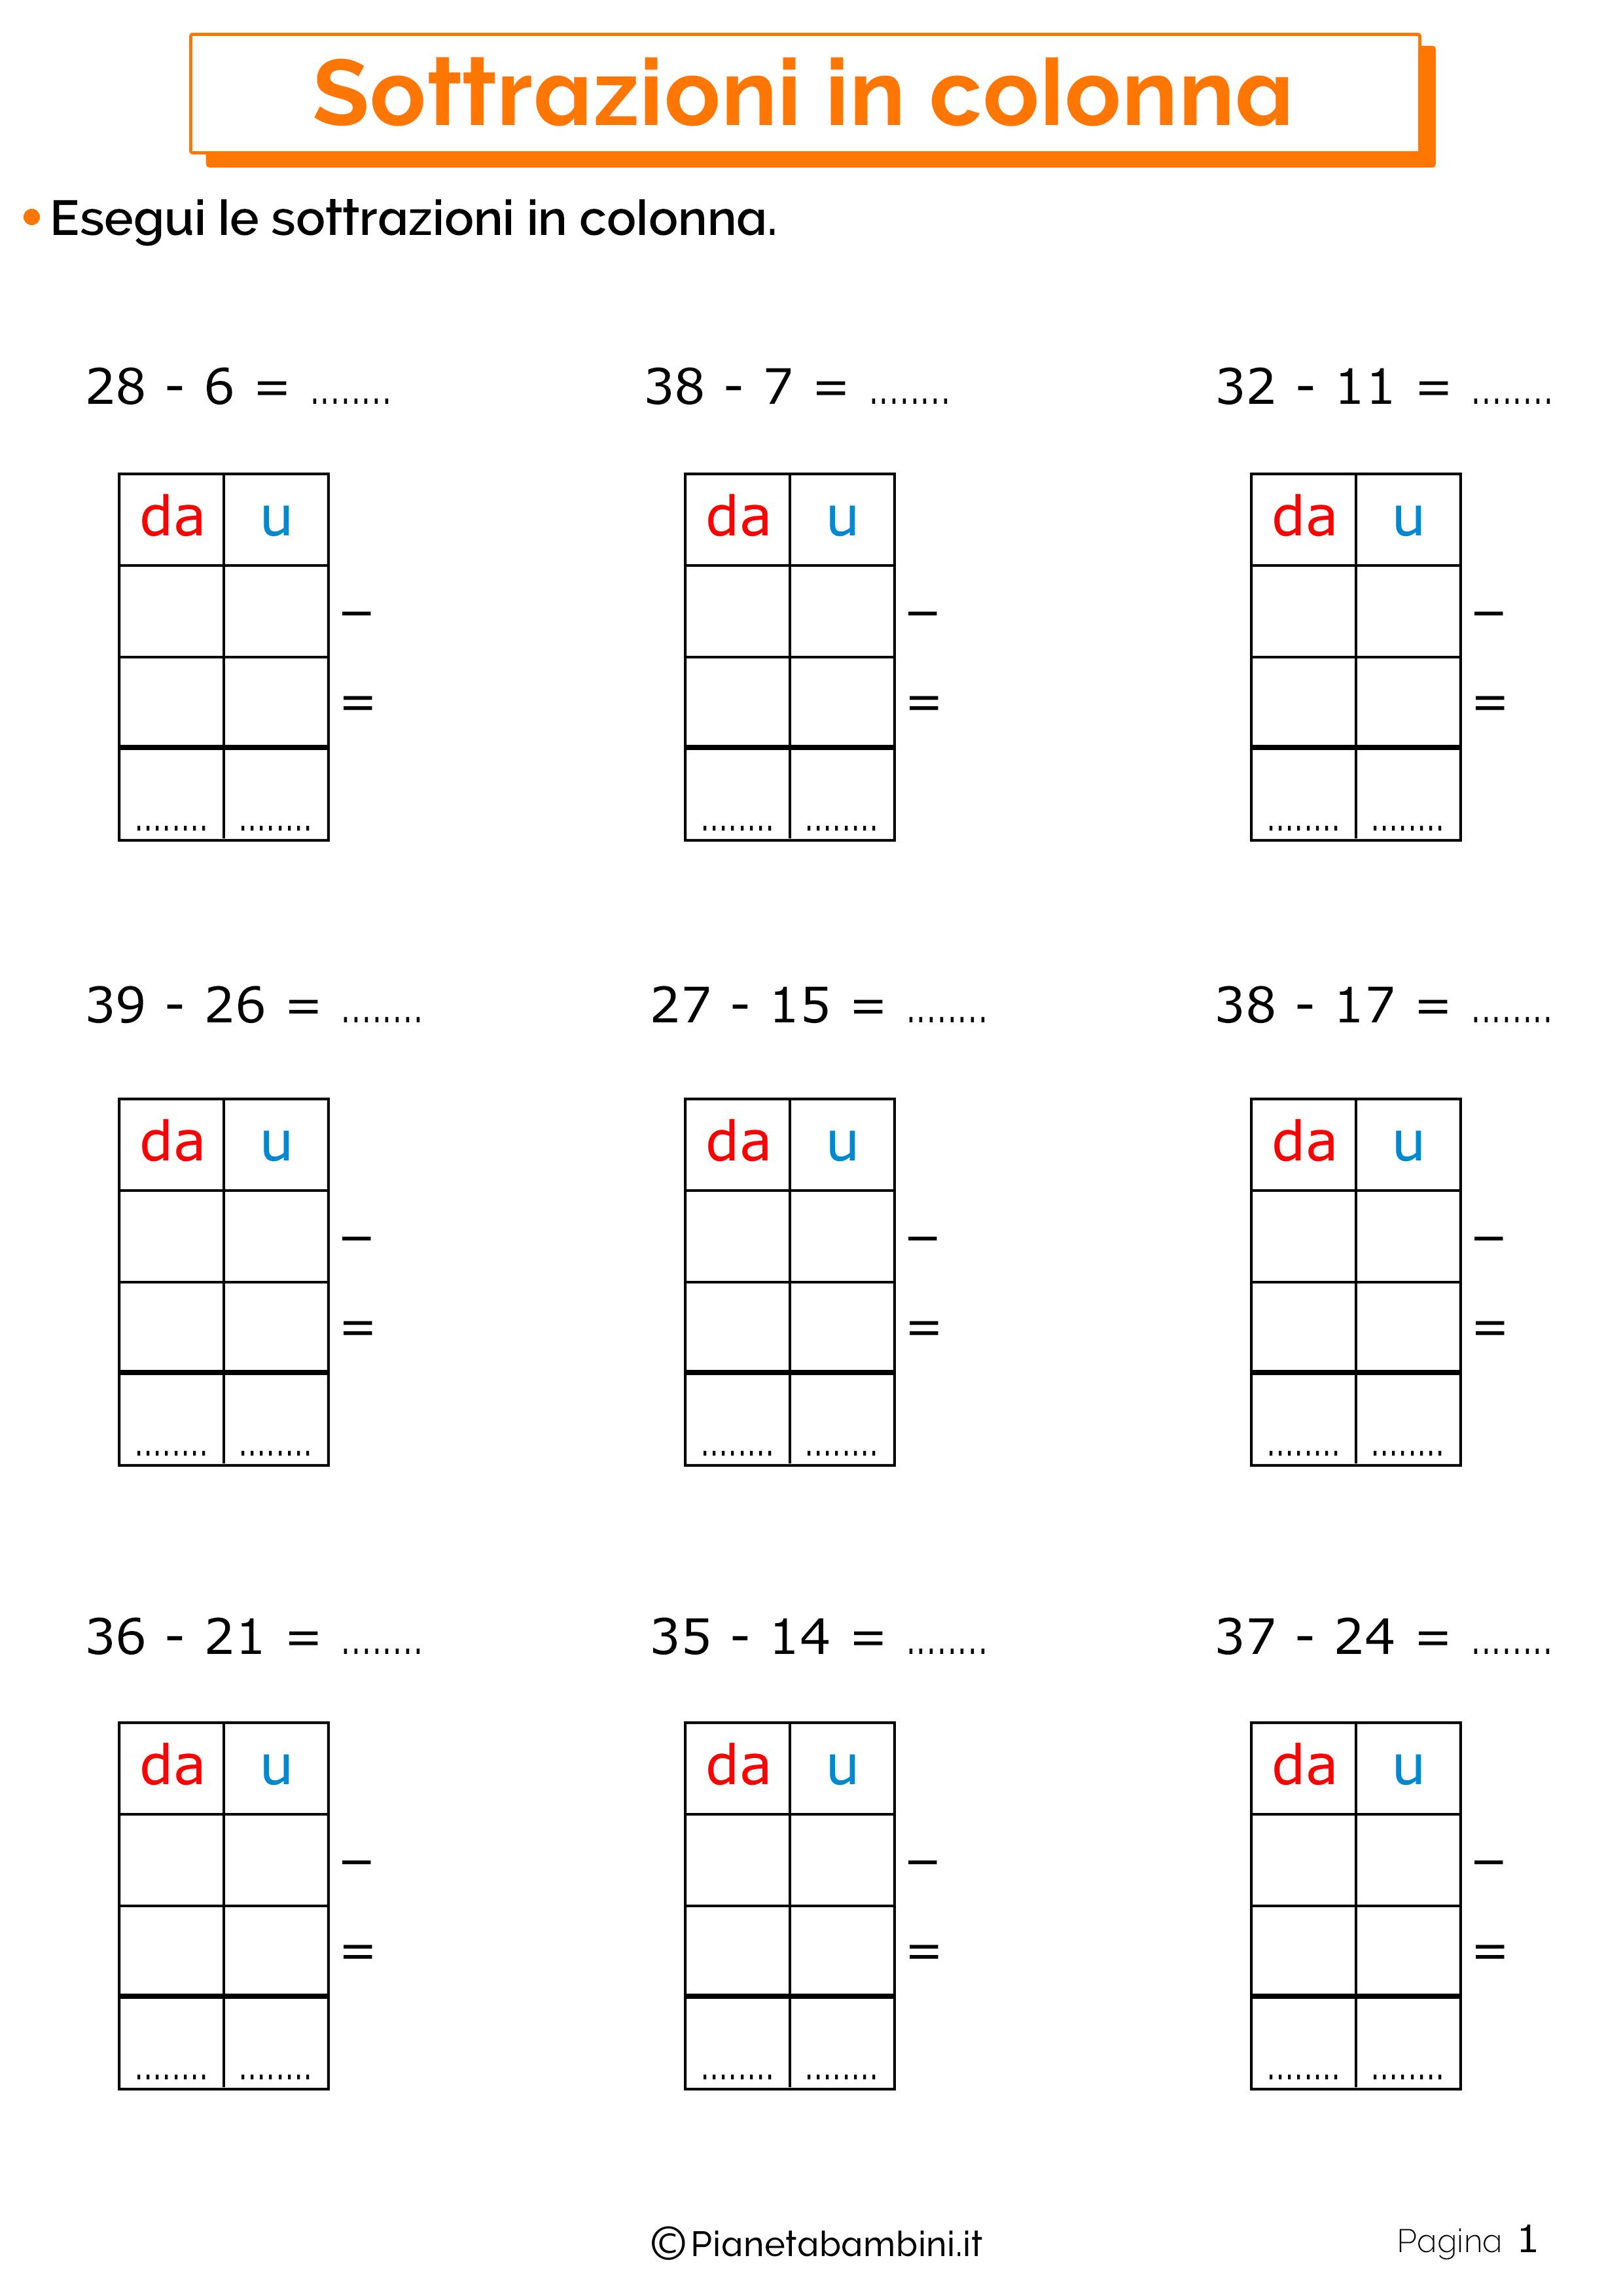 Schede didattiche sulle sottrazioni in colonna 1